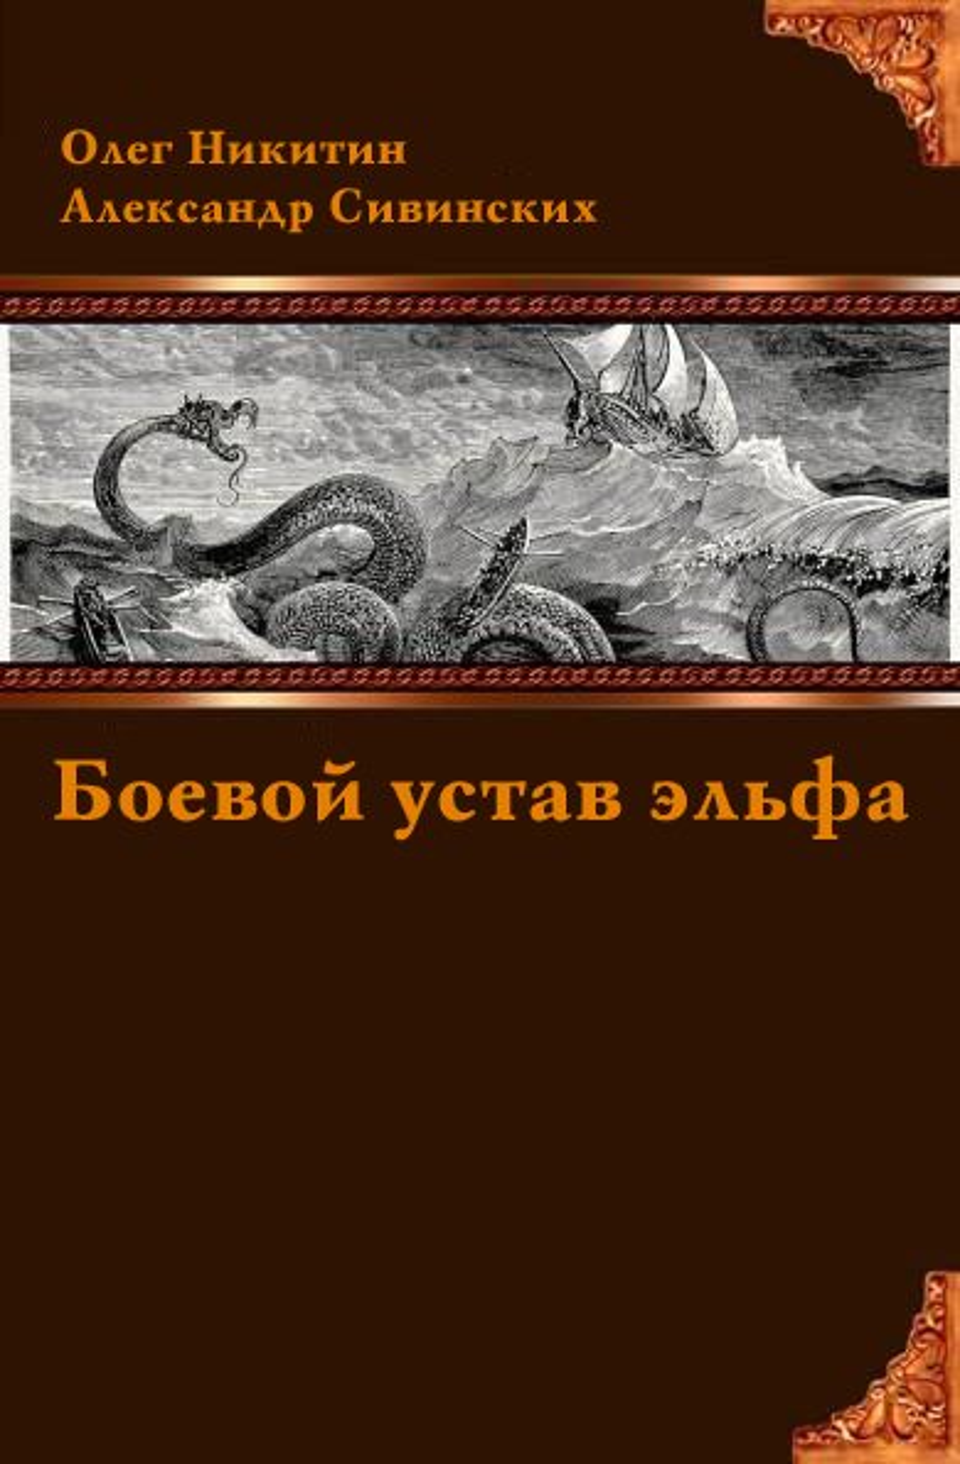 Александр Сивинских Боевой устав эльфа